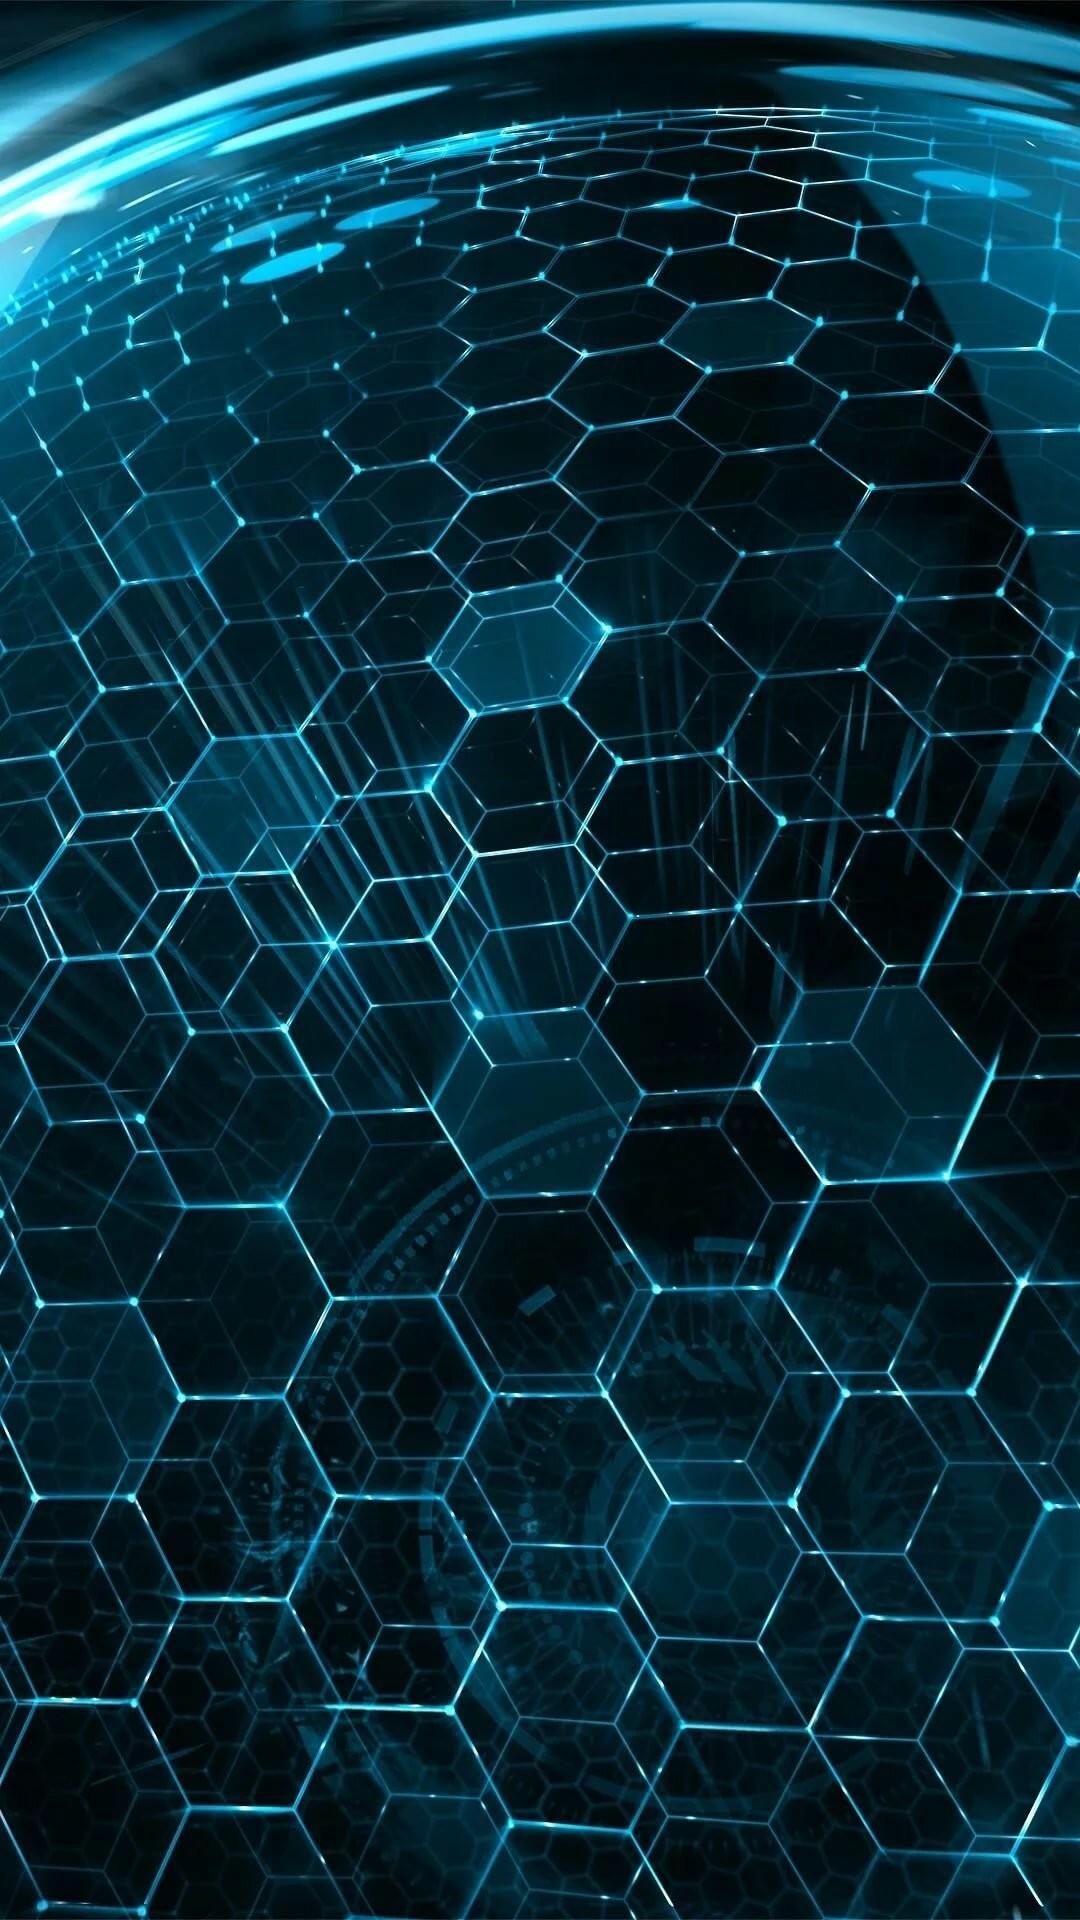 Matrix iPhone 6 wallpaper